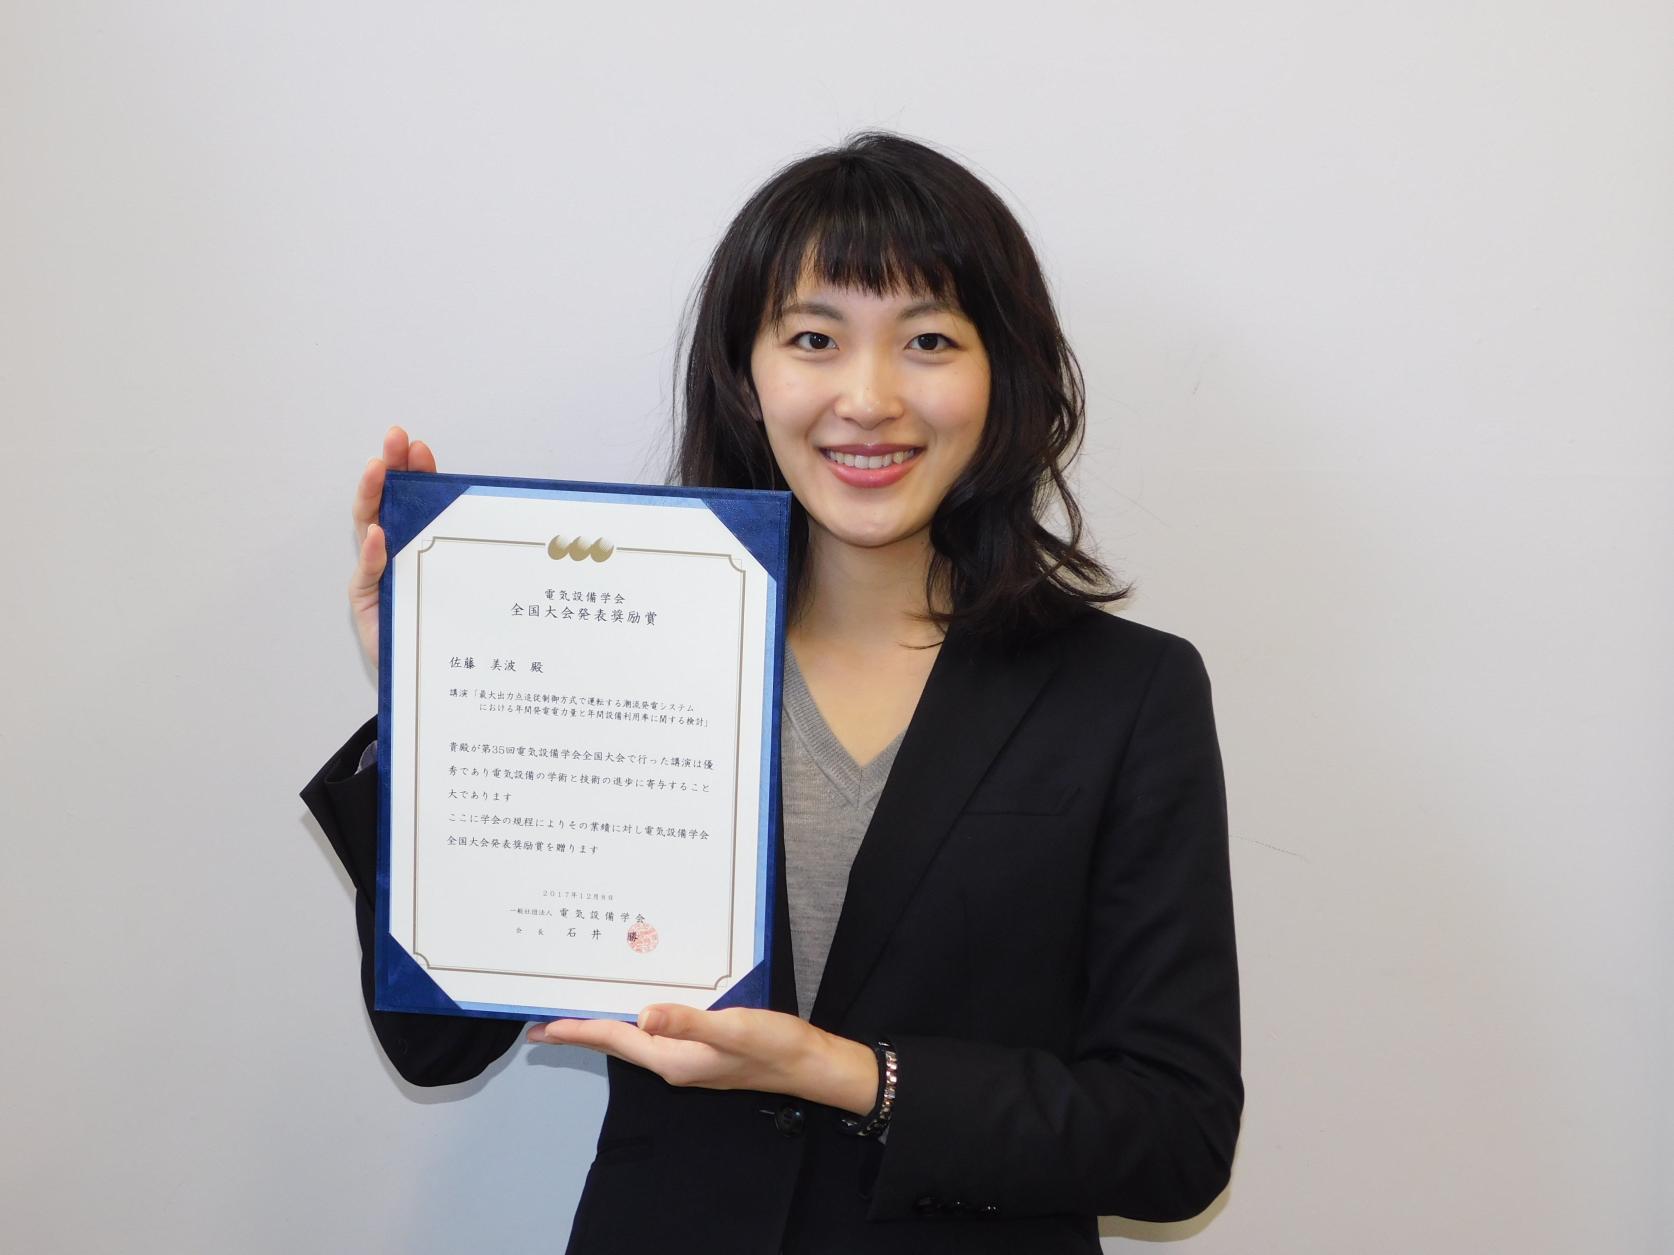 電気工学専攻2年の佐藤美波さんが「第35回電気設備学会全国大会」において発表奨励賞を受賞しました。